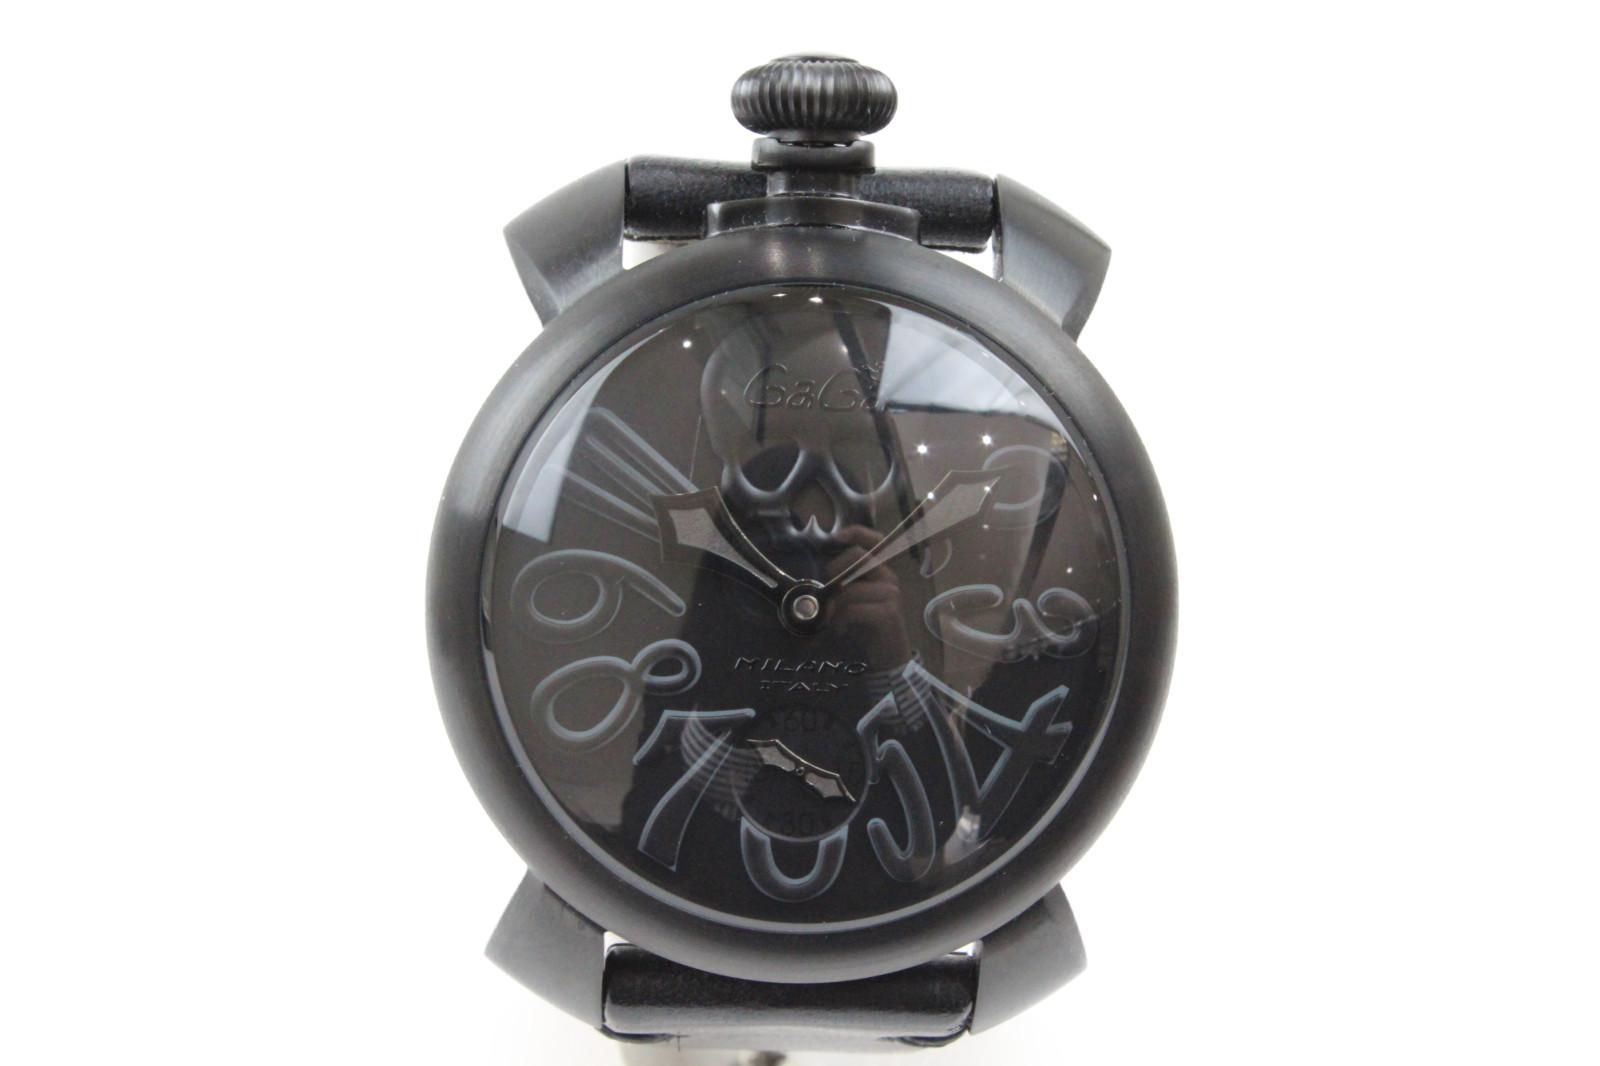 GaGamilano マヌアーレ アートコレクション 48mm 5012ART.1S ステンレススチール 革ベルト ブラック ドクロ メンズ 腕時計【中古】